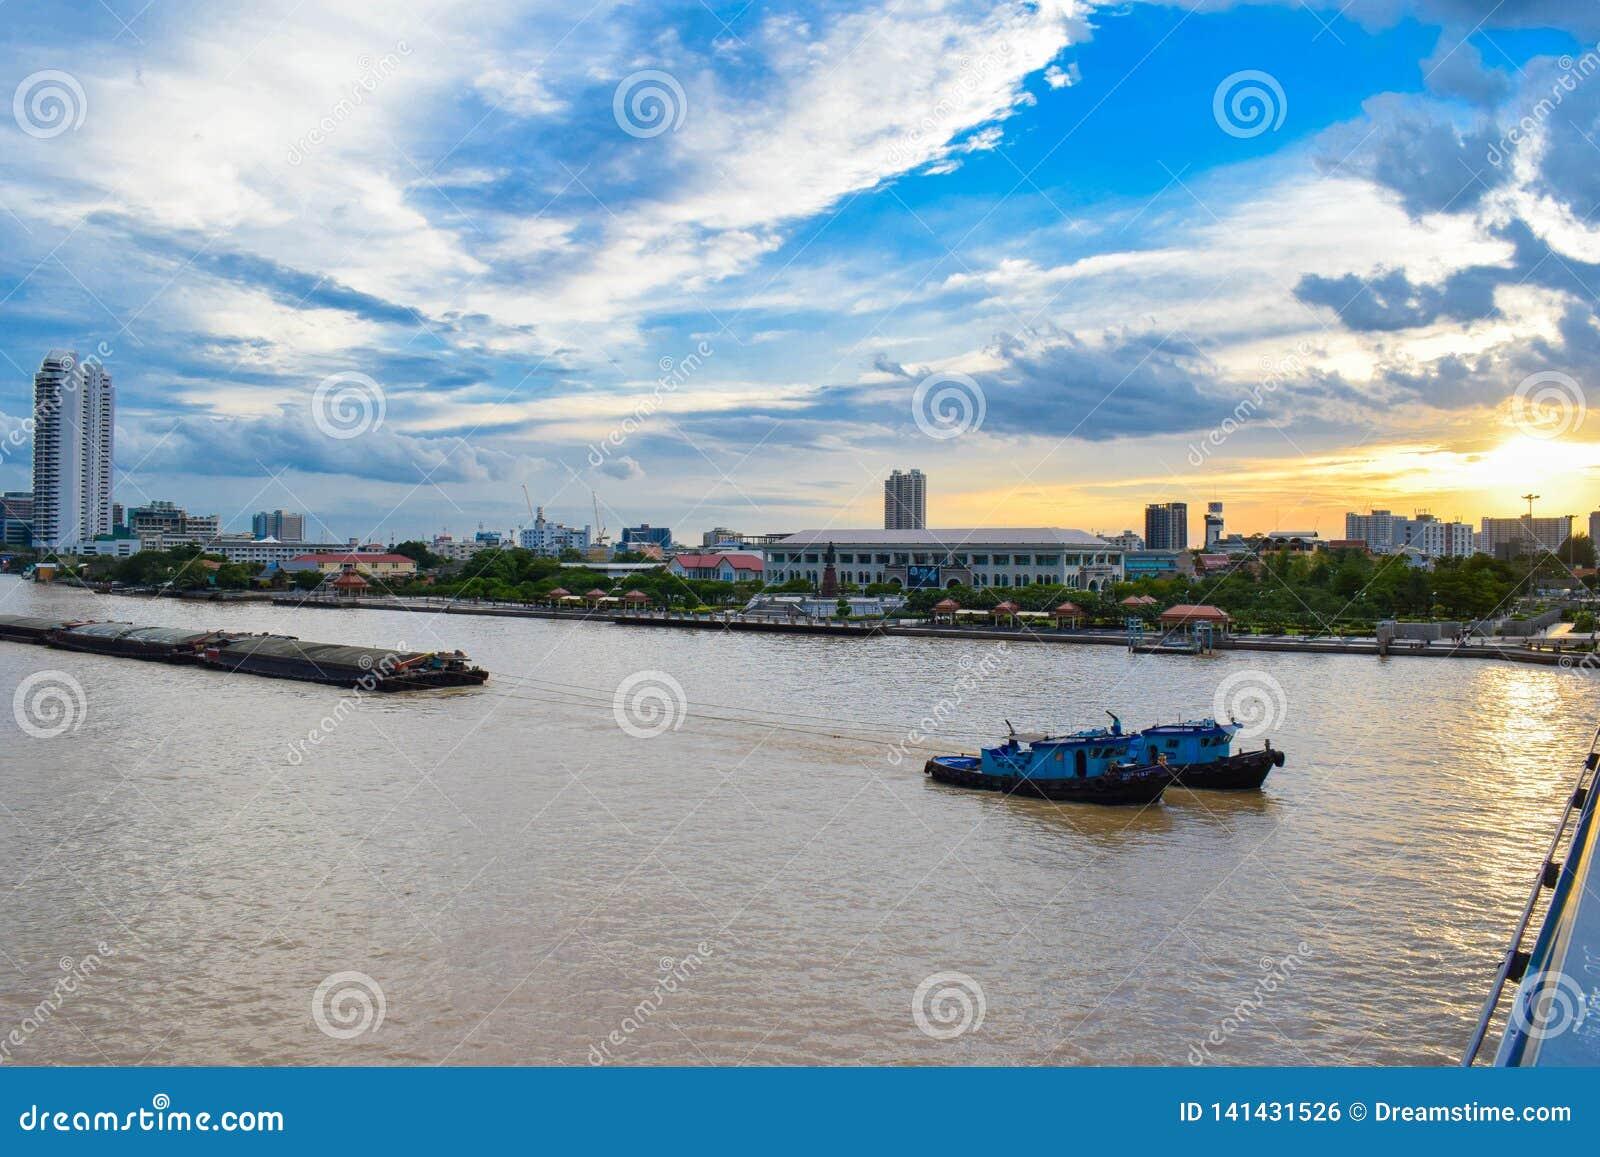 El buque de carga es una de las cosas vistas en Chao Phraya River que está adyacente a la capital, Bangkok